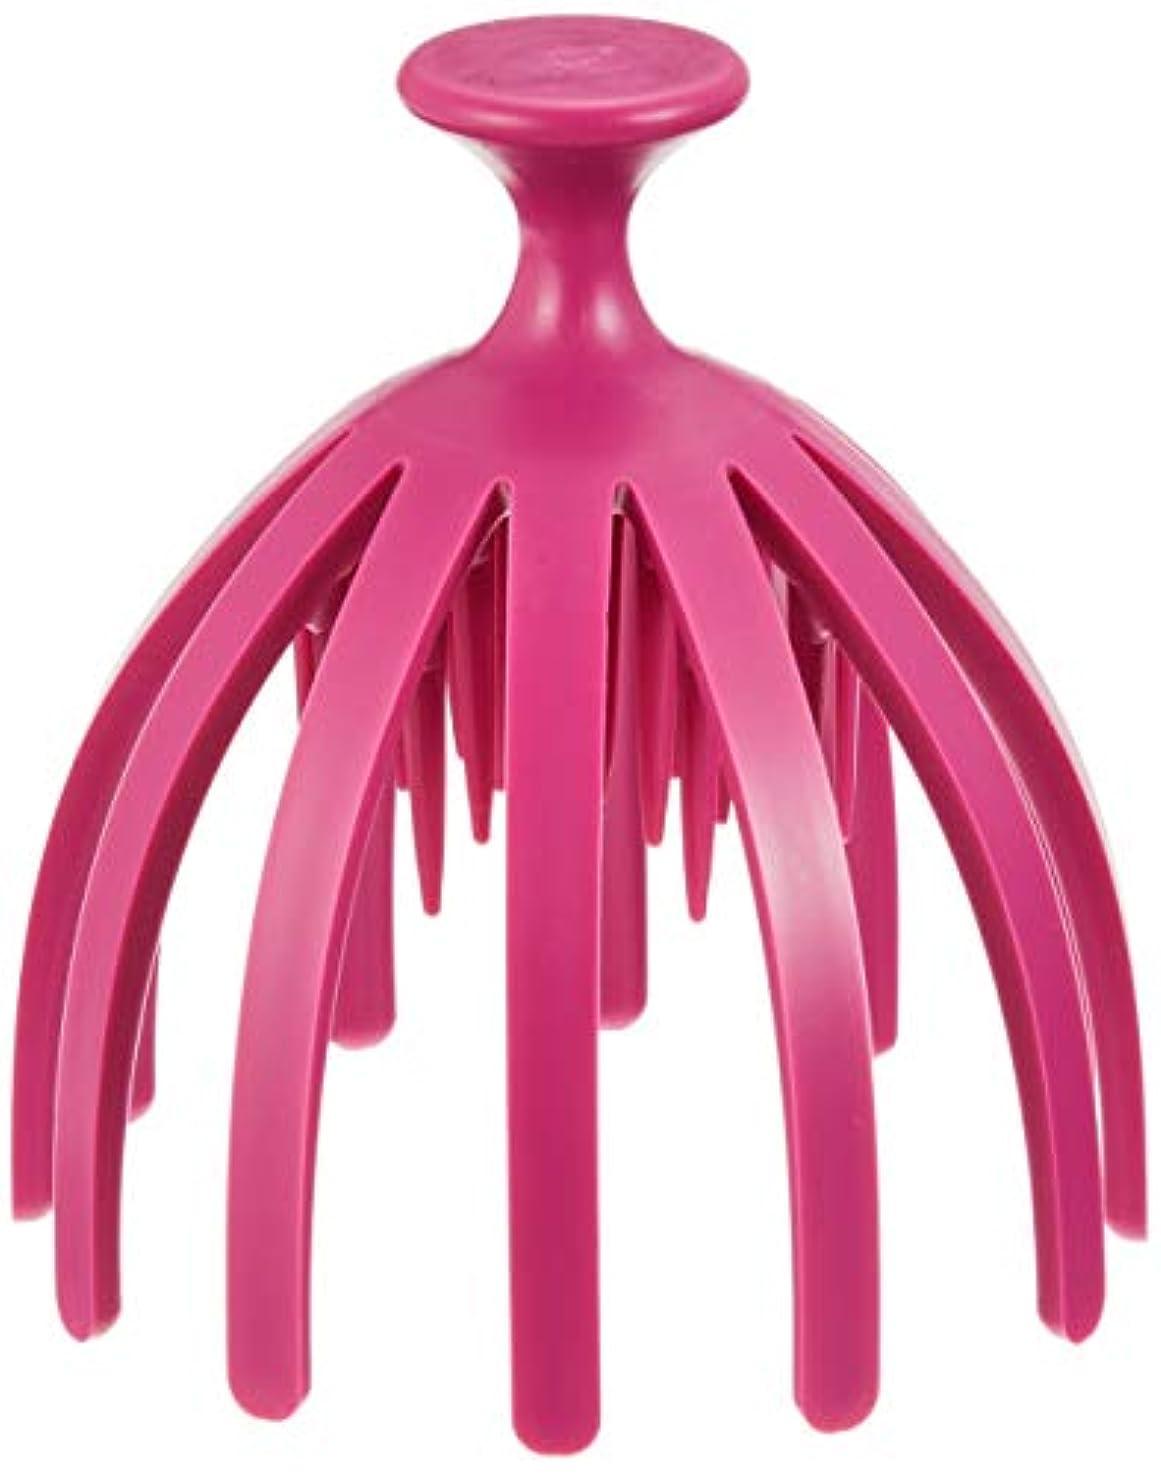 ウサギコンベンション残酷なツボスパヘッド限定ギフトパッケージ ピンク